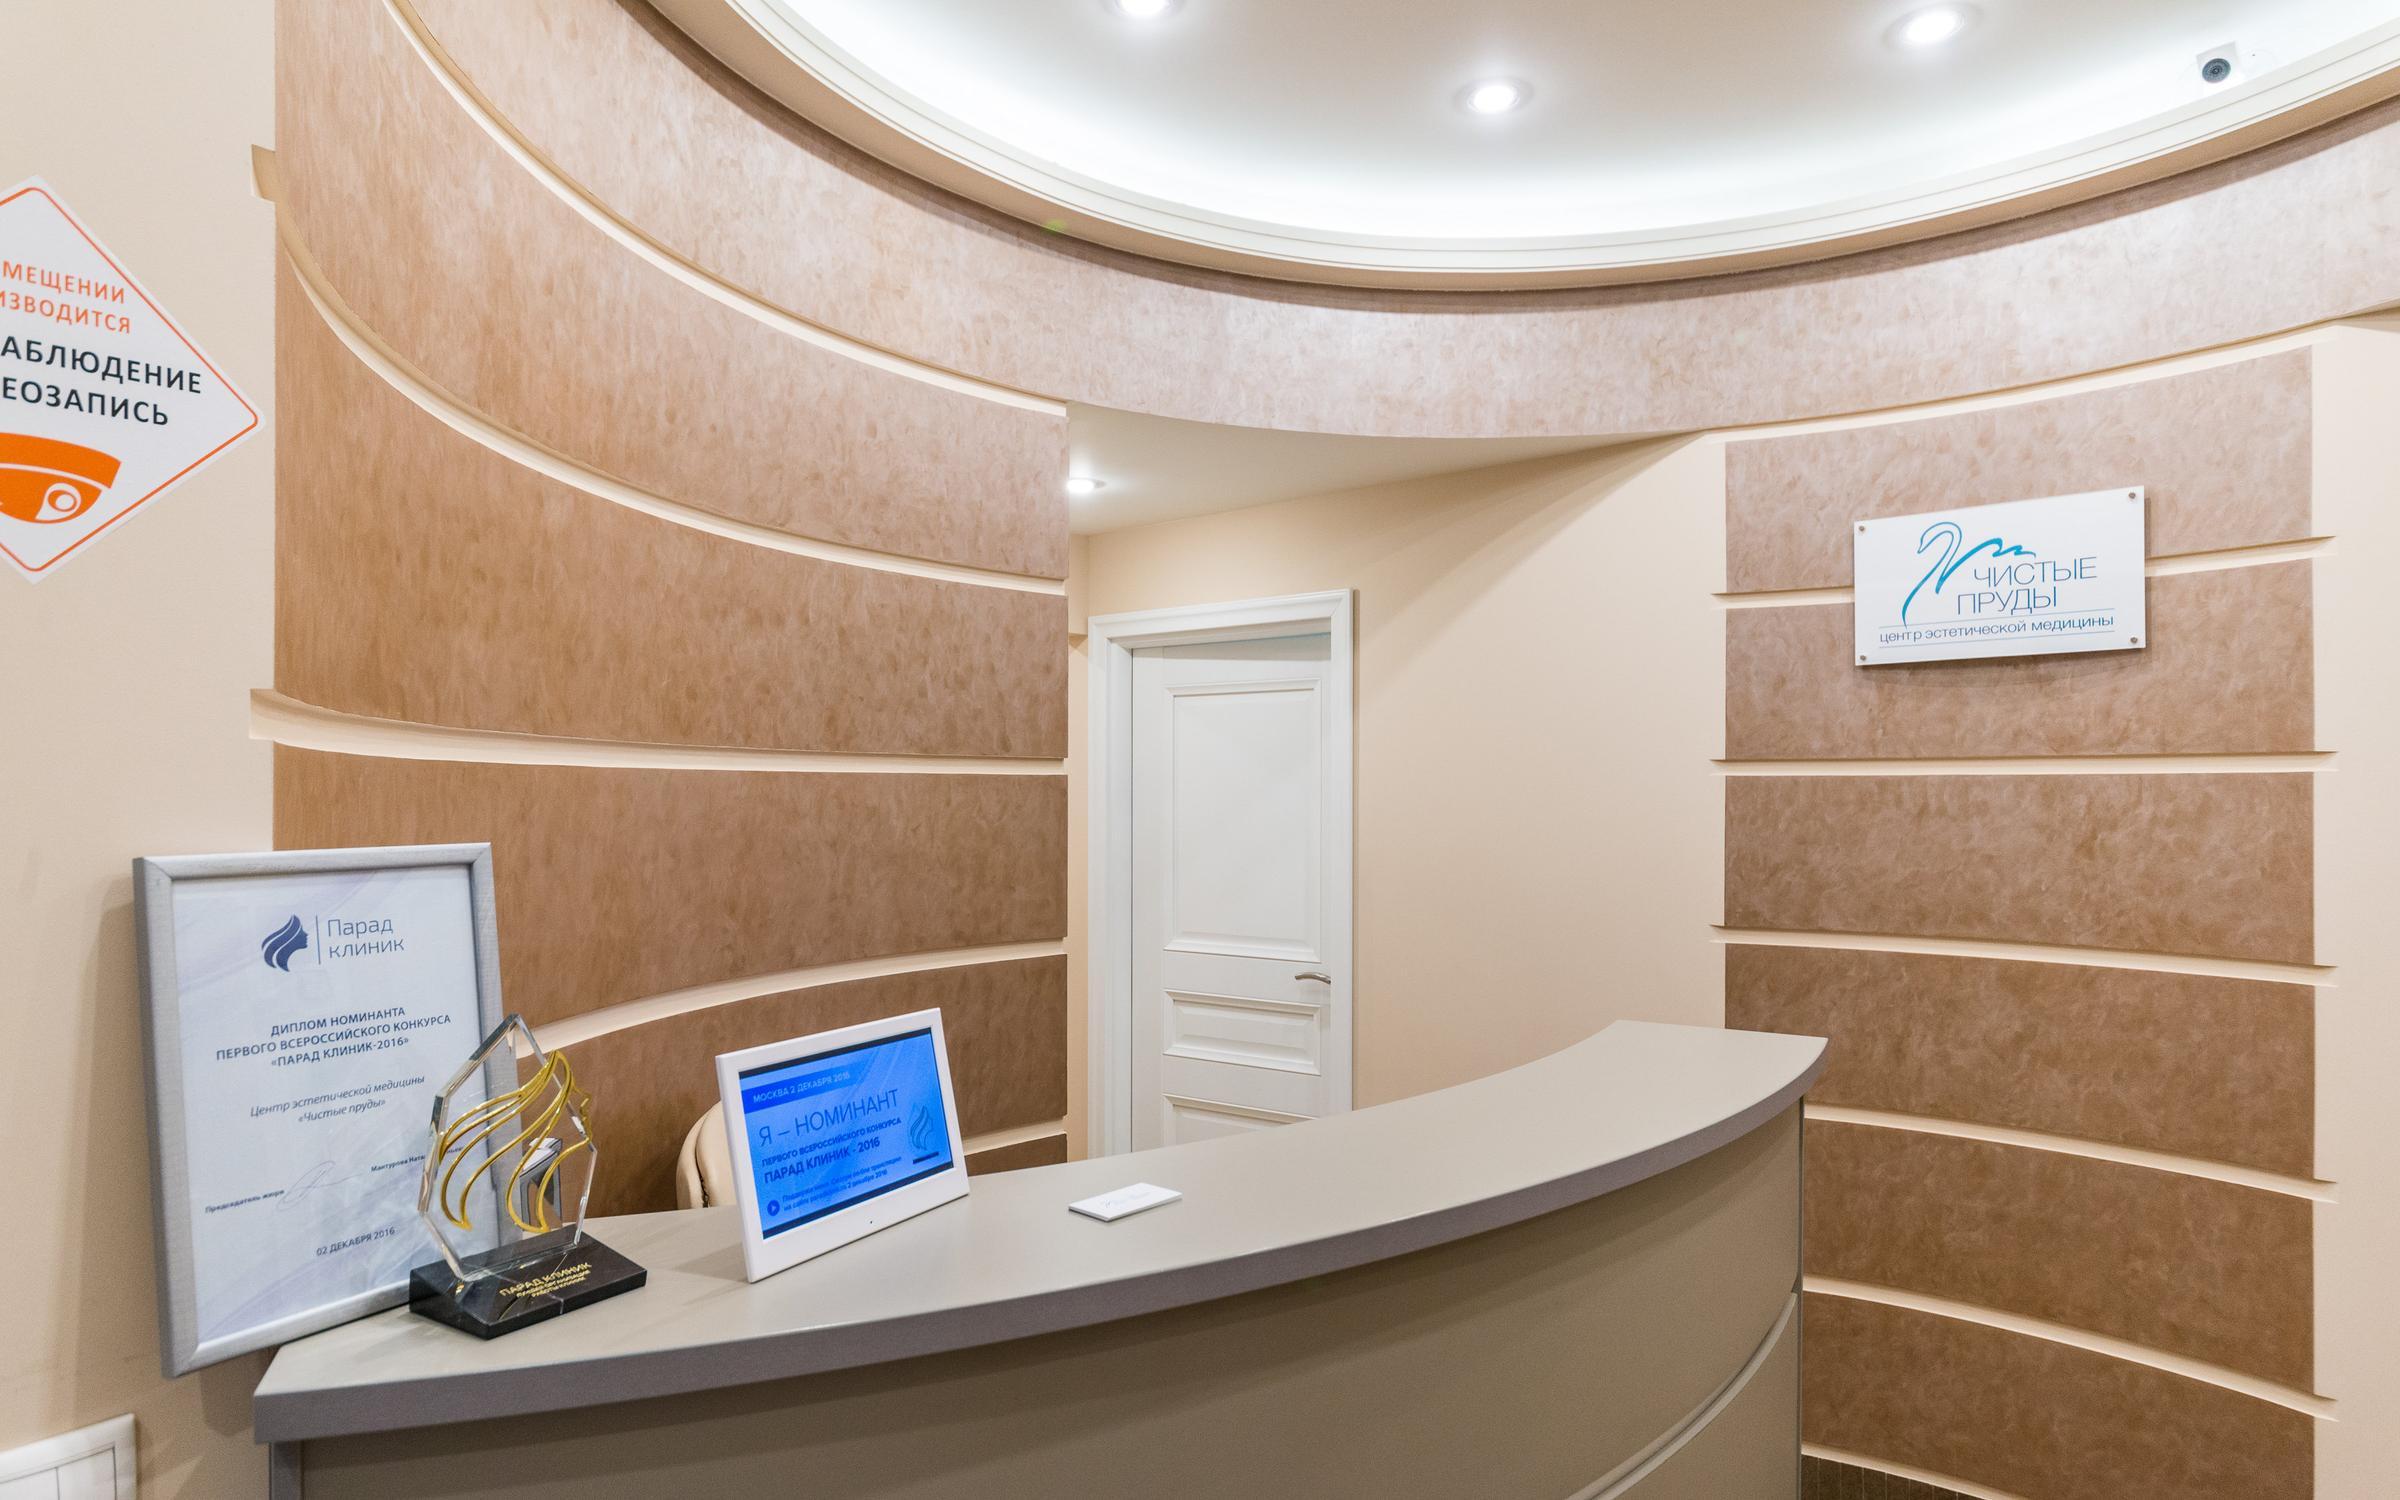 фотография Центра эстетической медицины Чистые Пруды